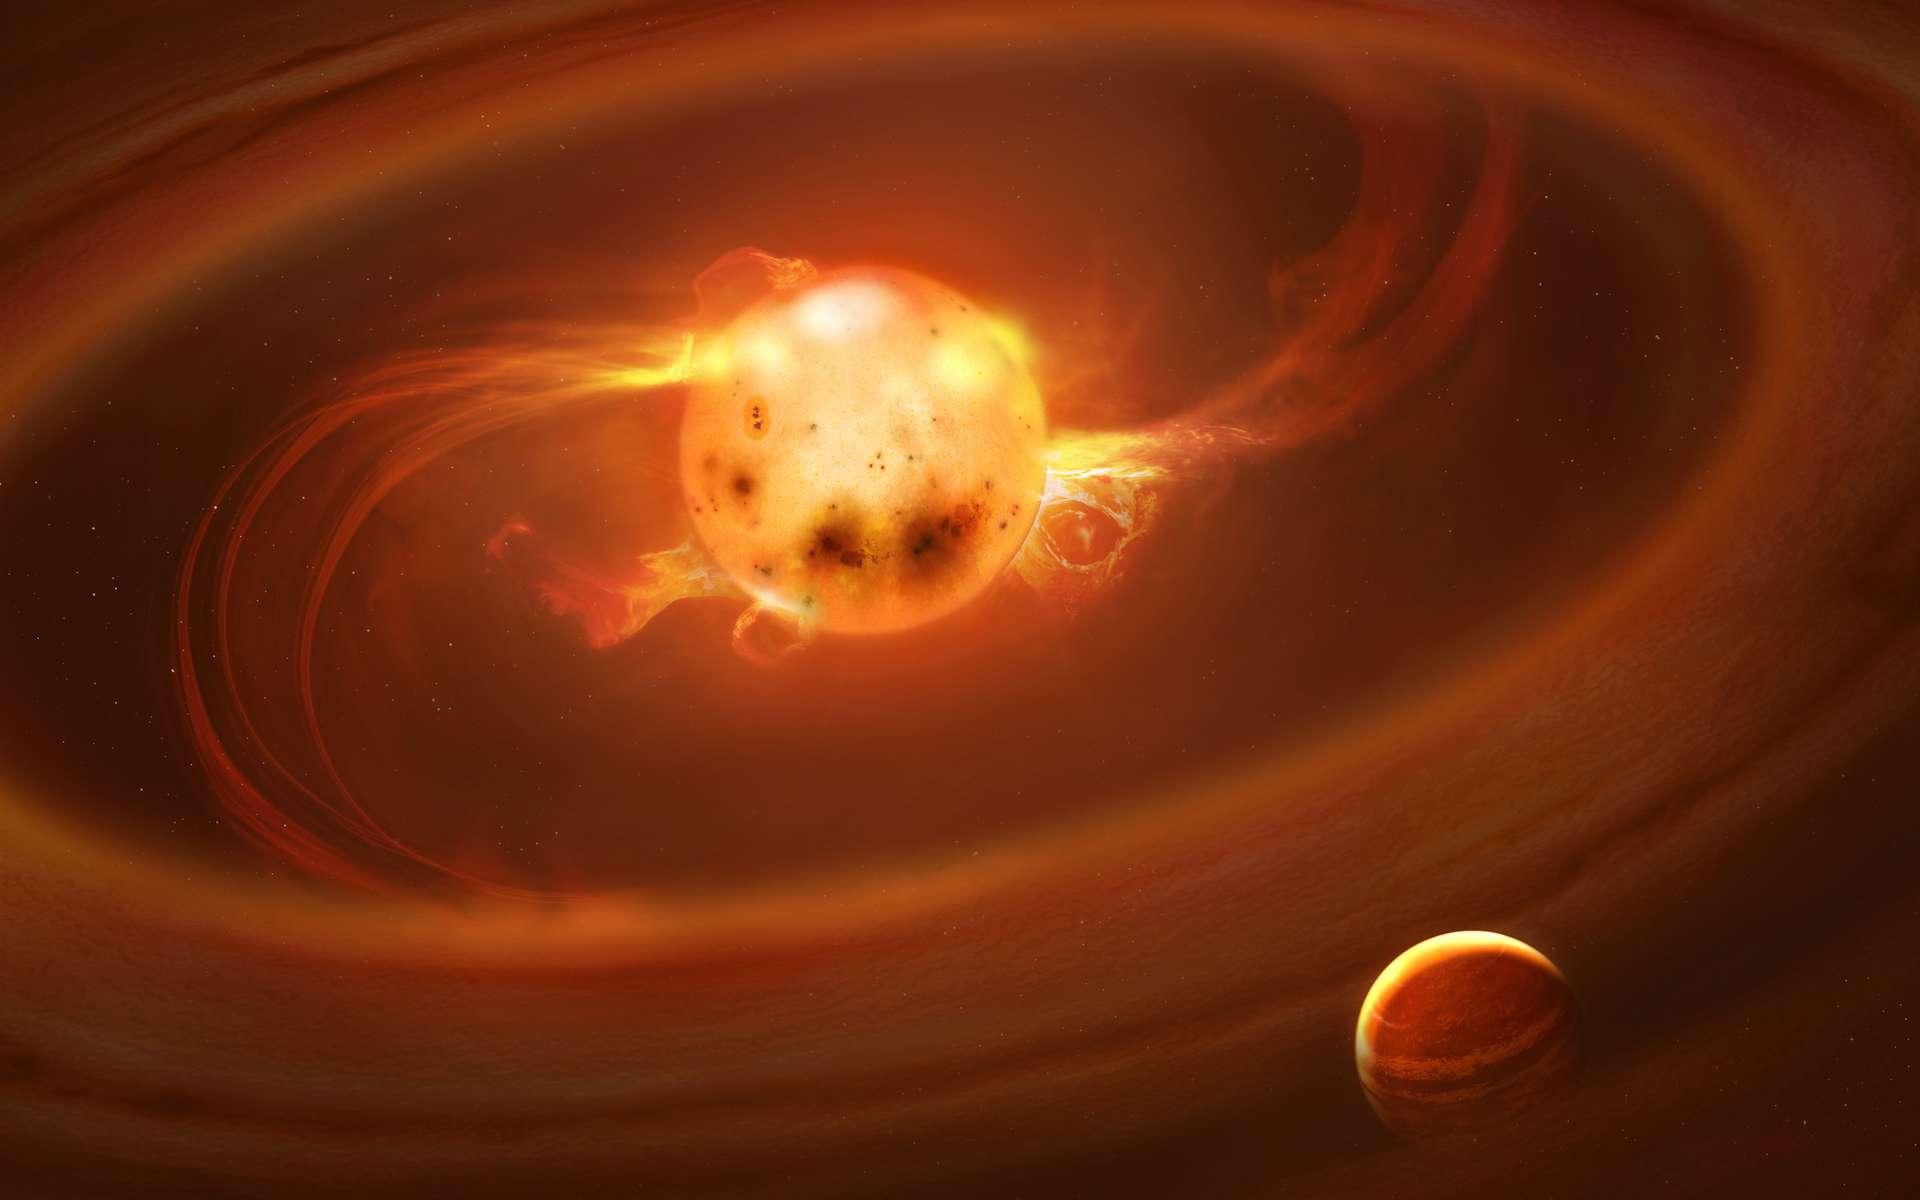 Les éruptions que notre Soleil a connues dans les premiers instants de sa vie — à l'échelle astronomique — ont probablement joué à un rôle capital dans l'apparition de la vie sur Terre. © MPIFA, Mark A. Garlick